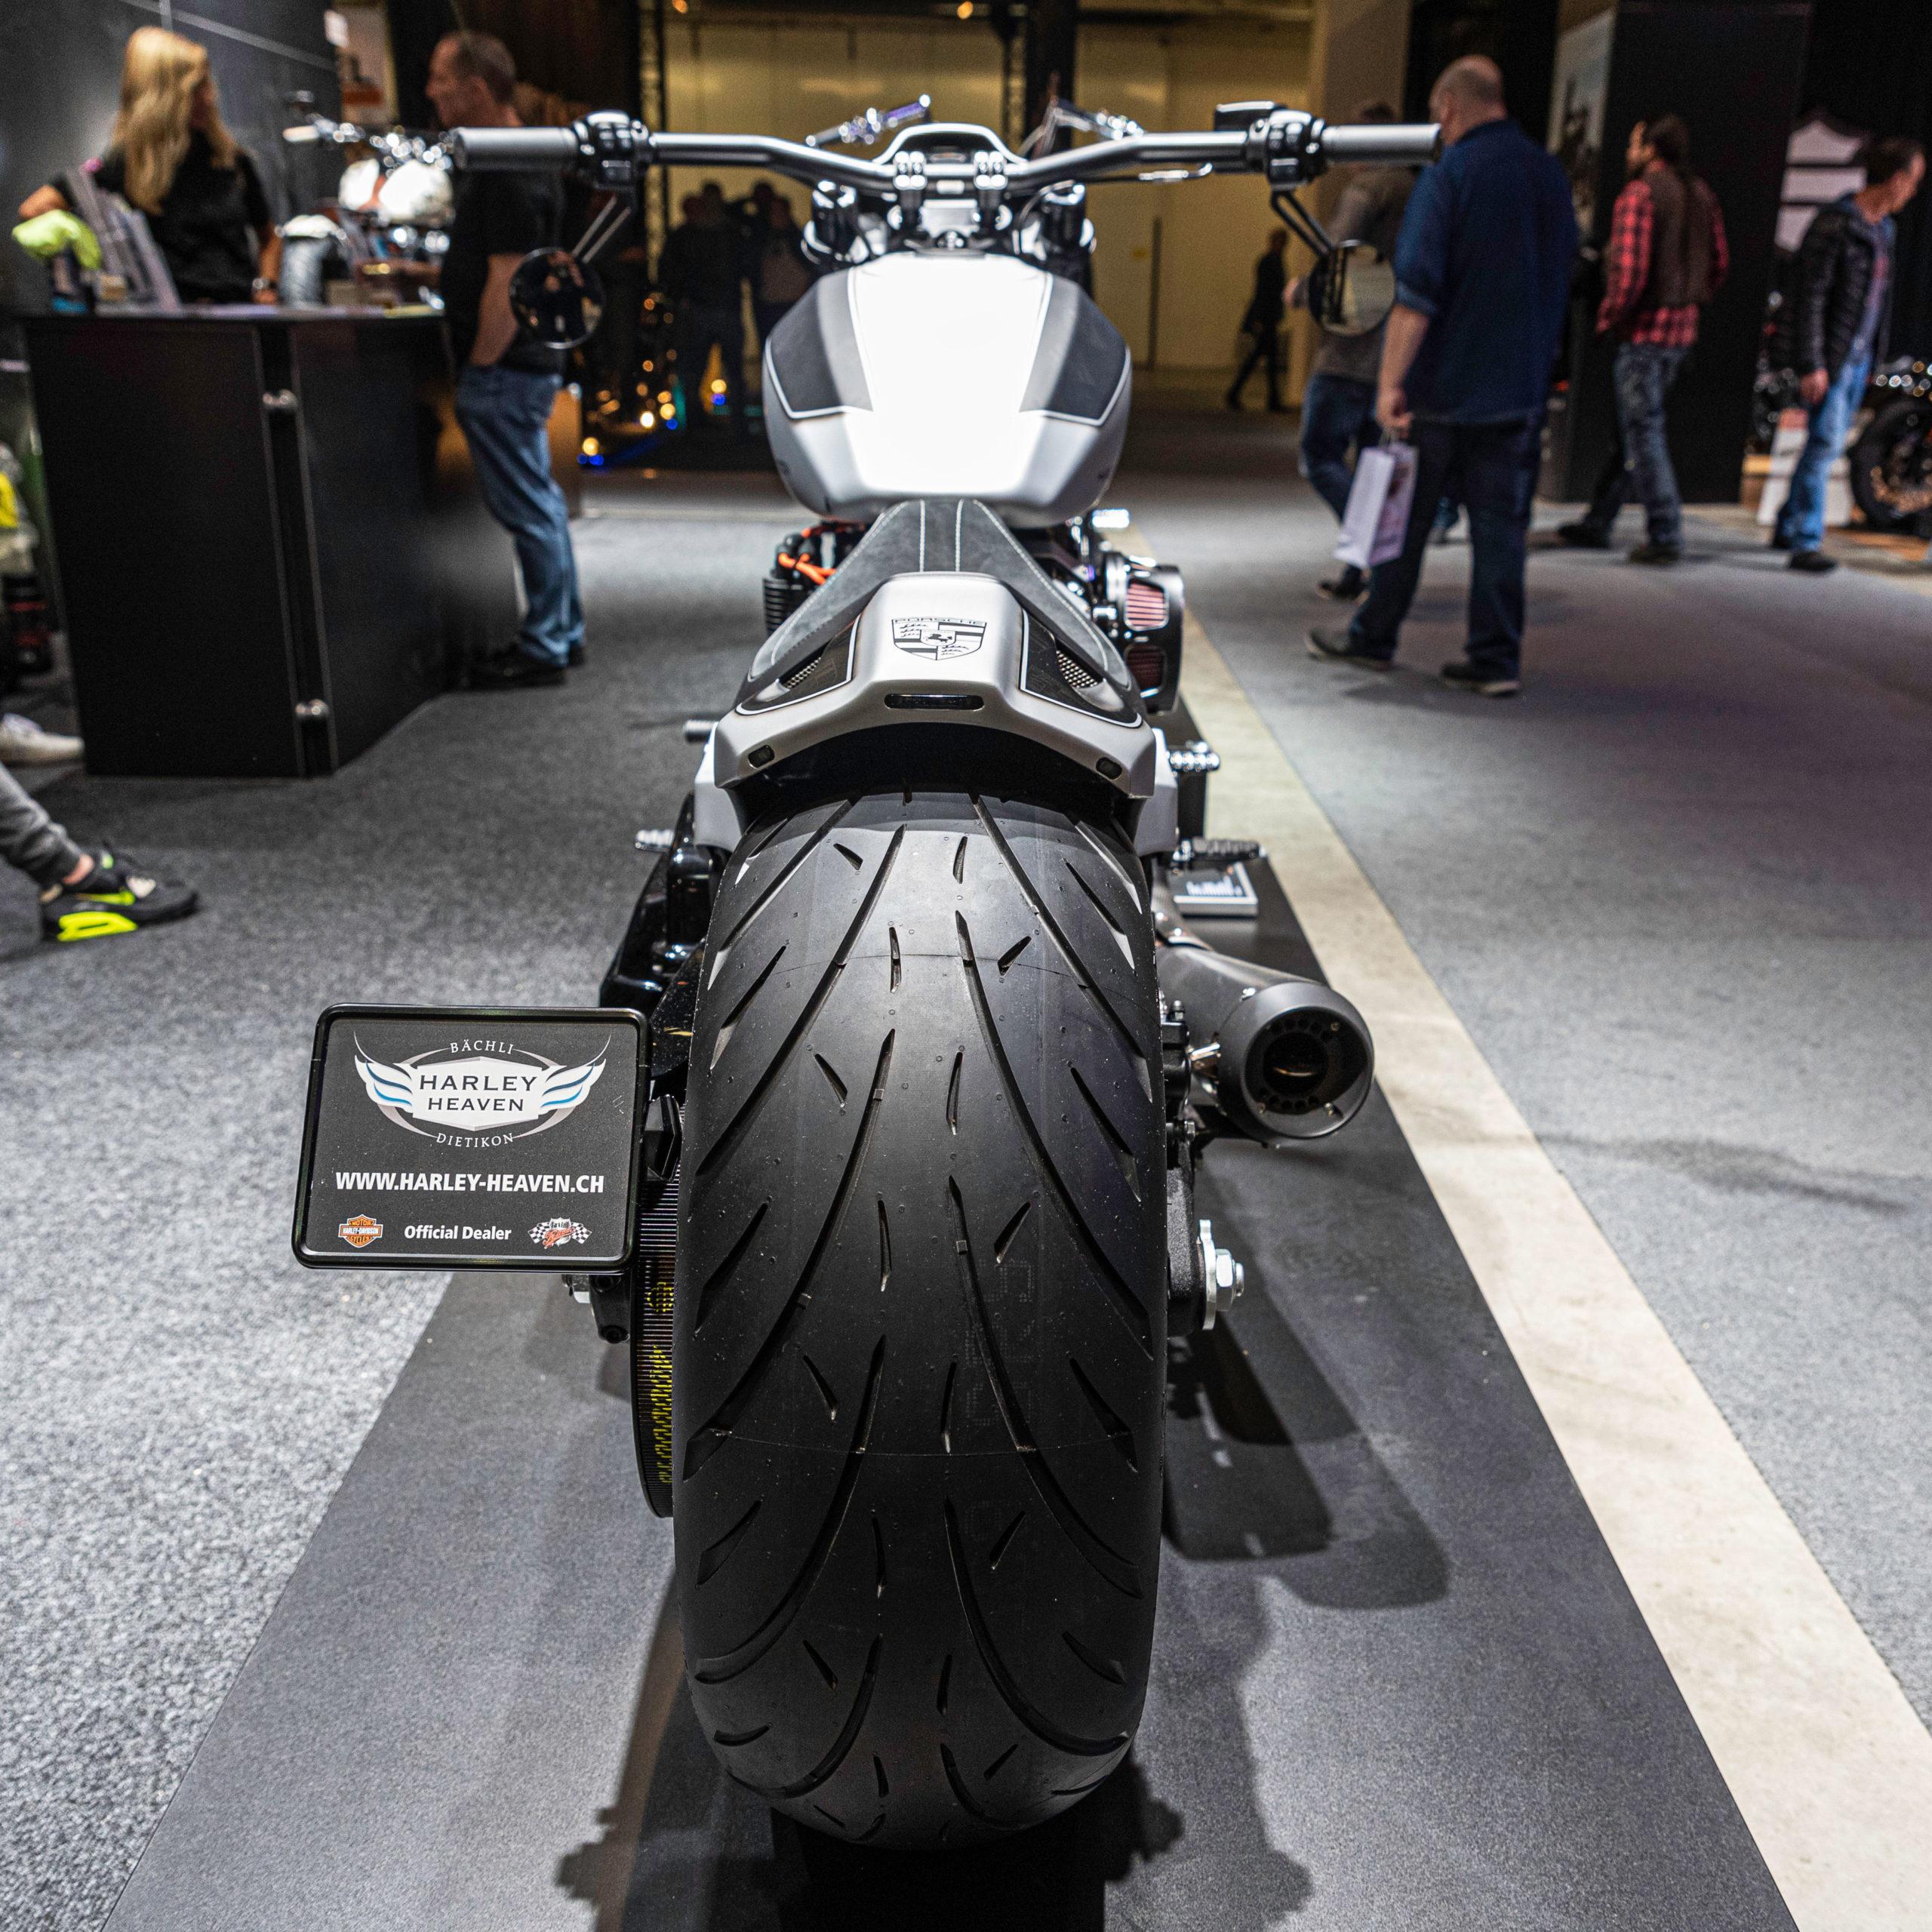 Salon moto 7